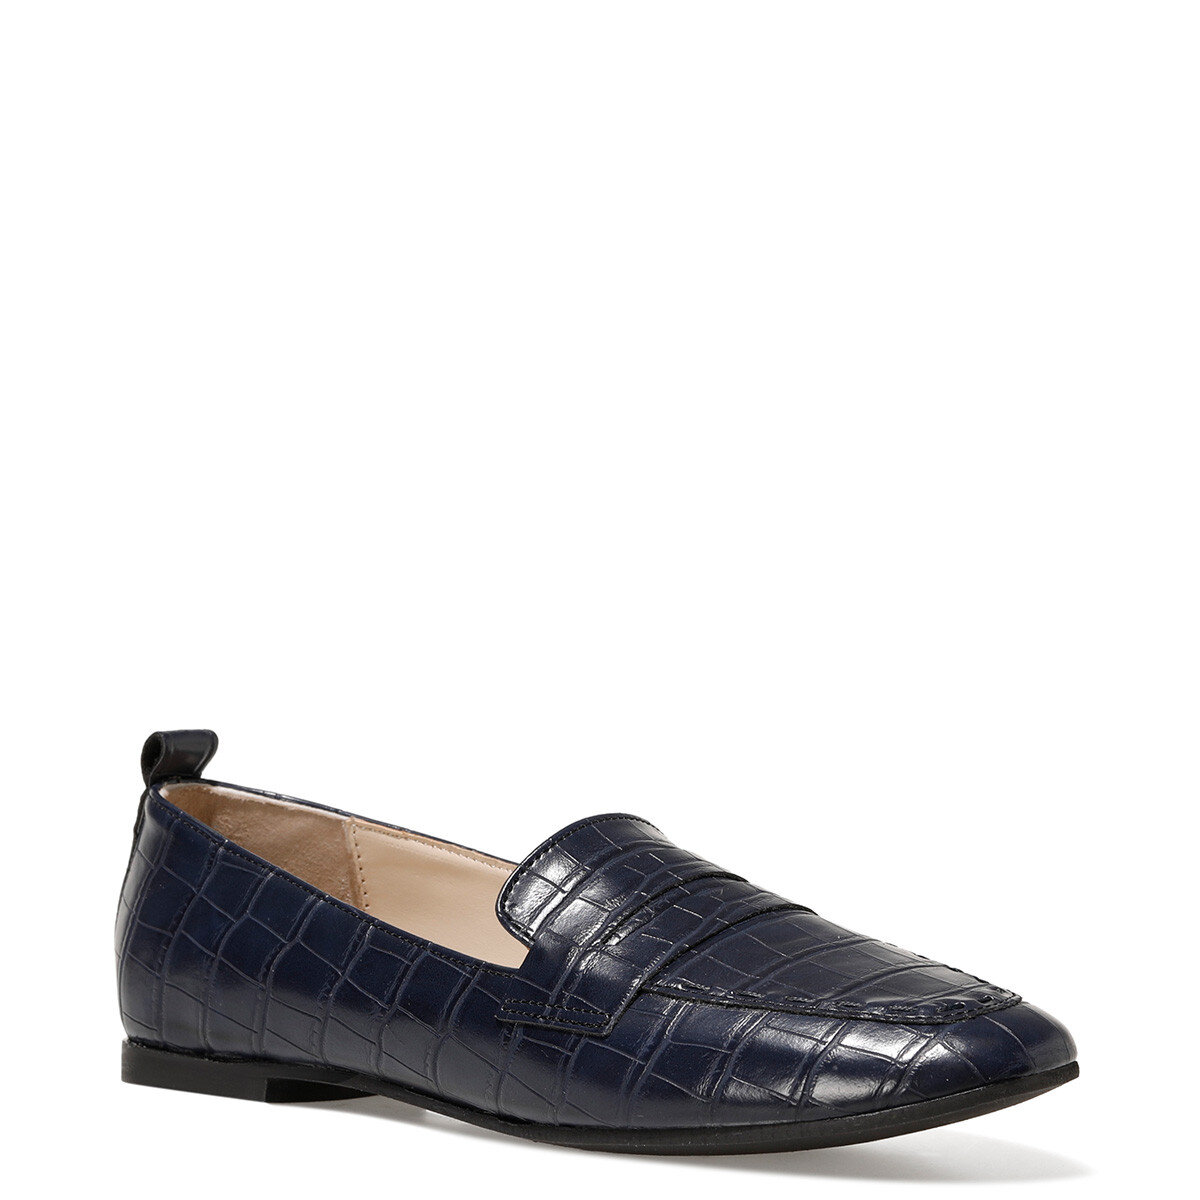 LEFUR2 Lacivert Kadın Loafer Ayakkabı